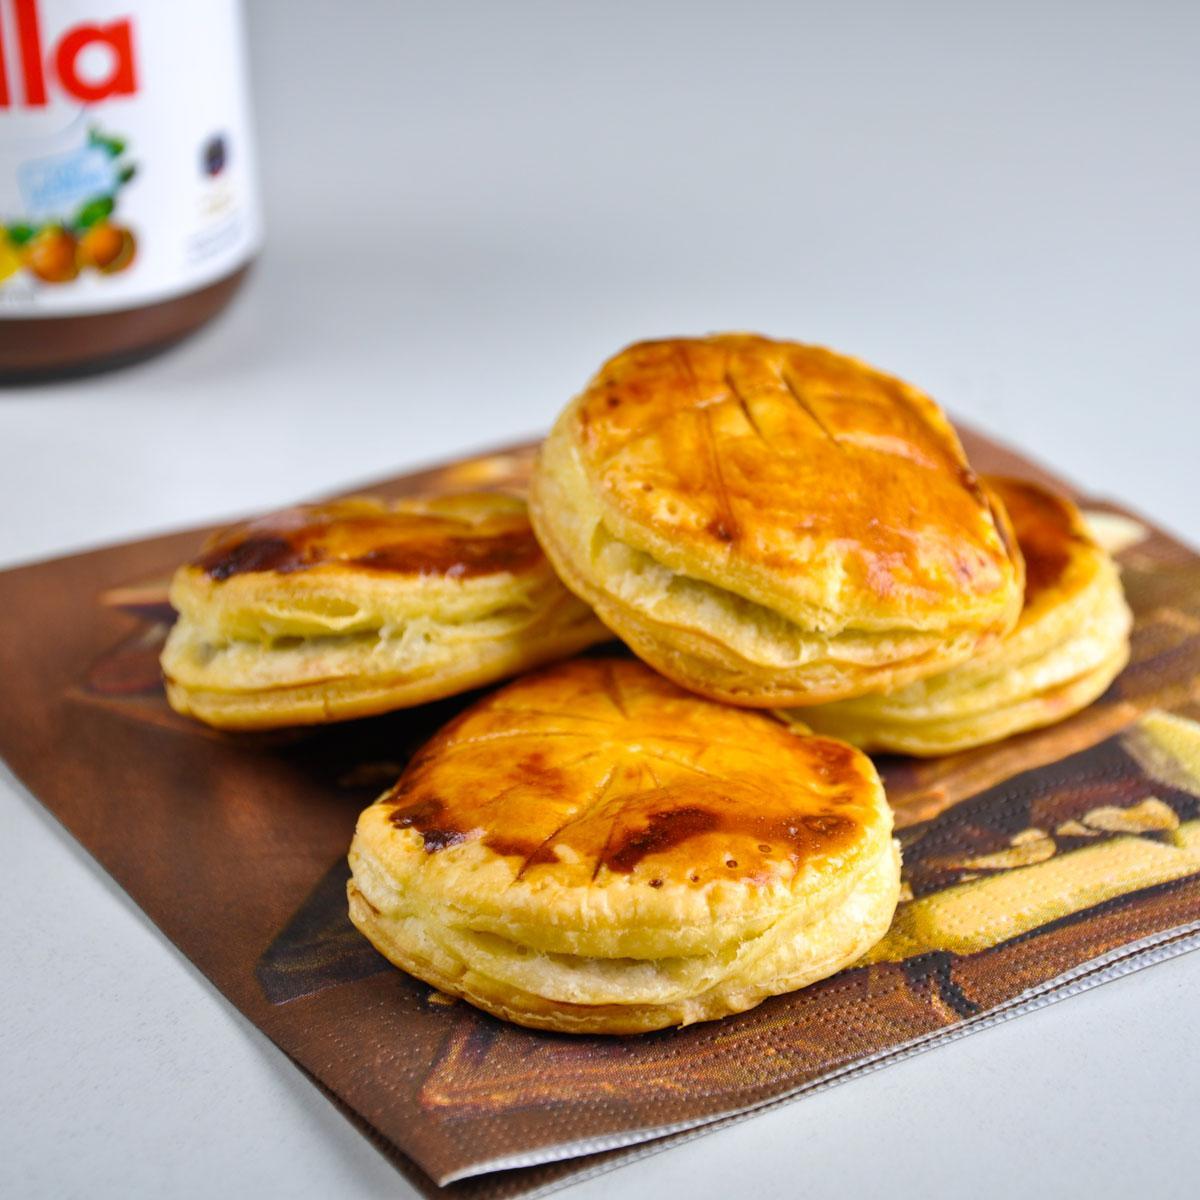 Recette feuillet s au nutella cuisine madame figaro - Madame figaro cuisine ...